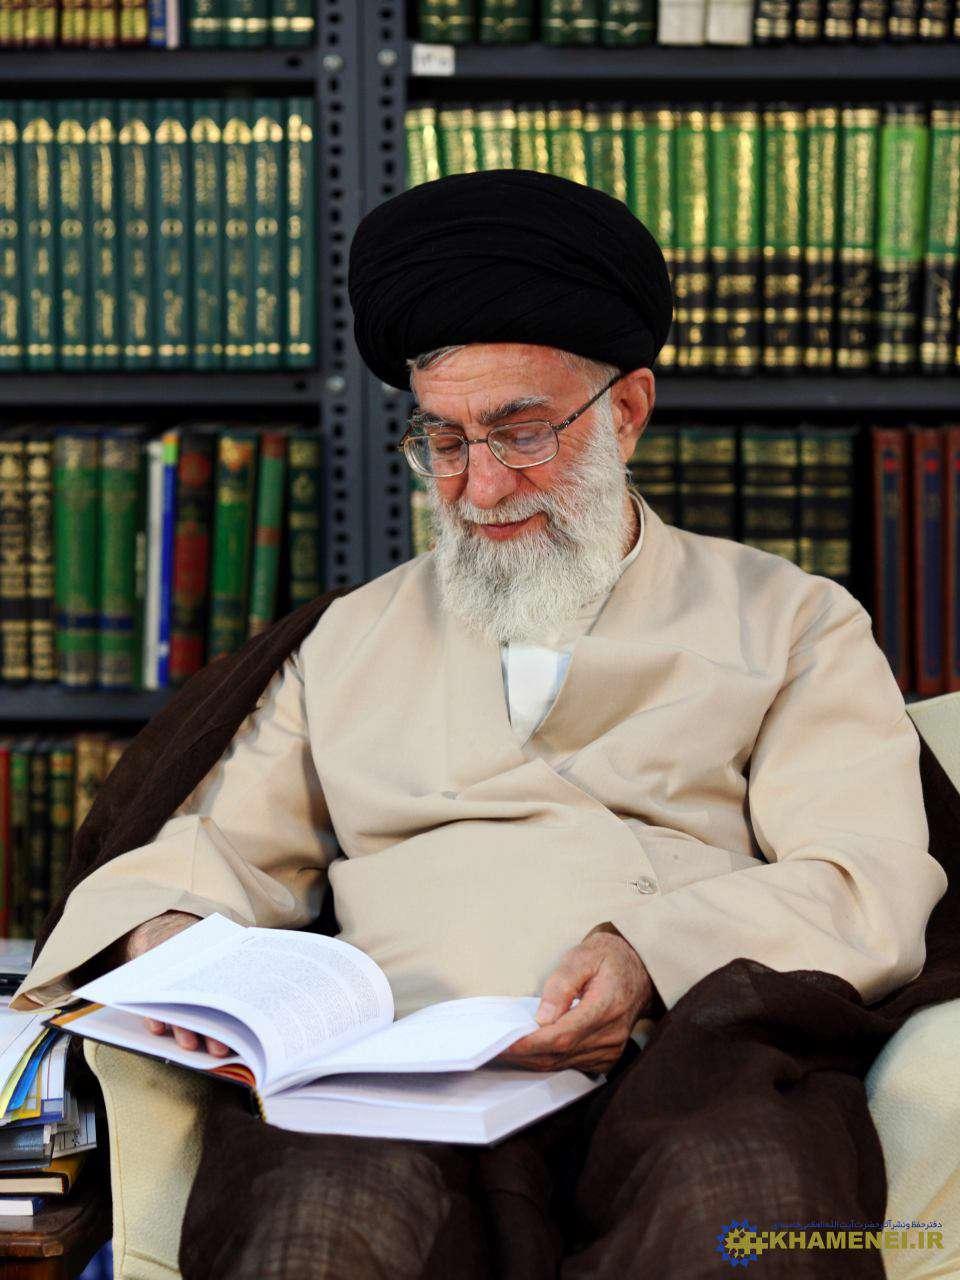 رهبر معظم انقلاب اسلامی: امروز ملت ایران احساس عزت میکنند، احساس تشخص میکنند. انقلاب، ضعف نفس و خود کمبینی را در ملت ما از بین برد؛ به جای آن، اعتماد به نفس ملی را به ملت داد.